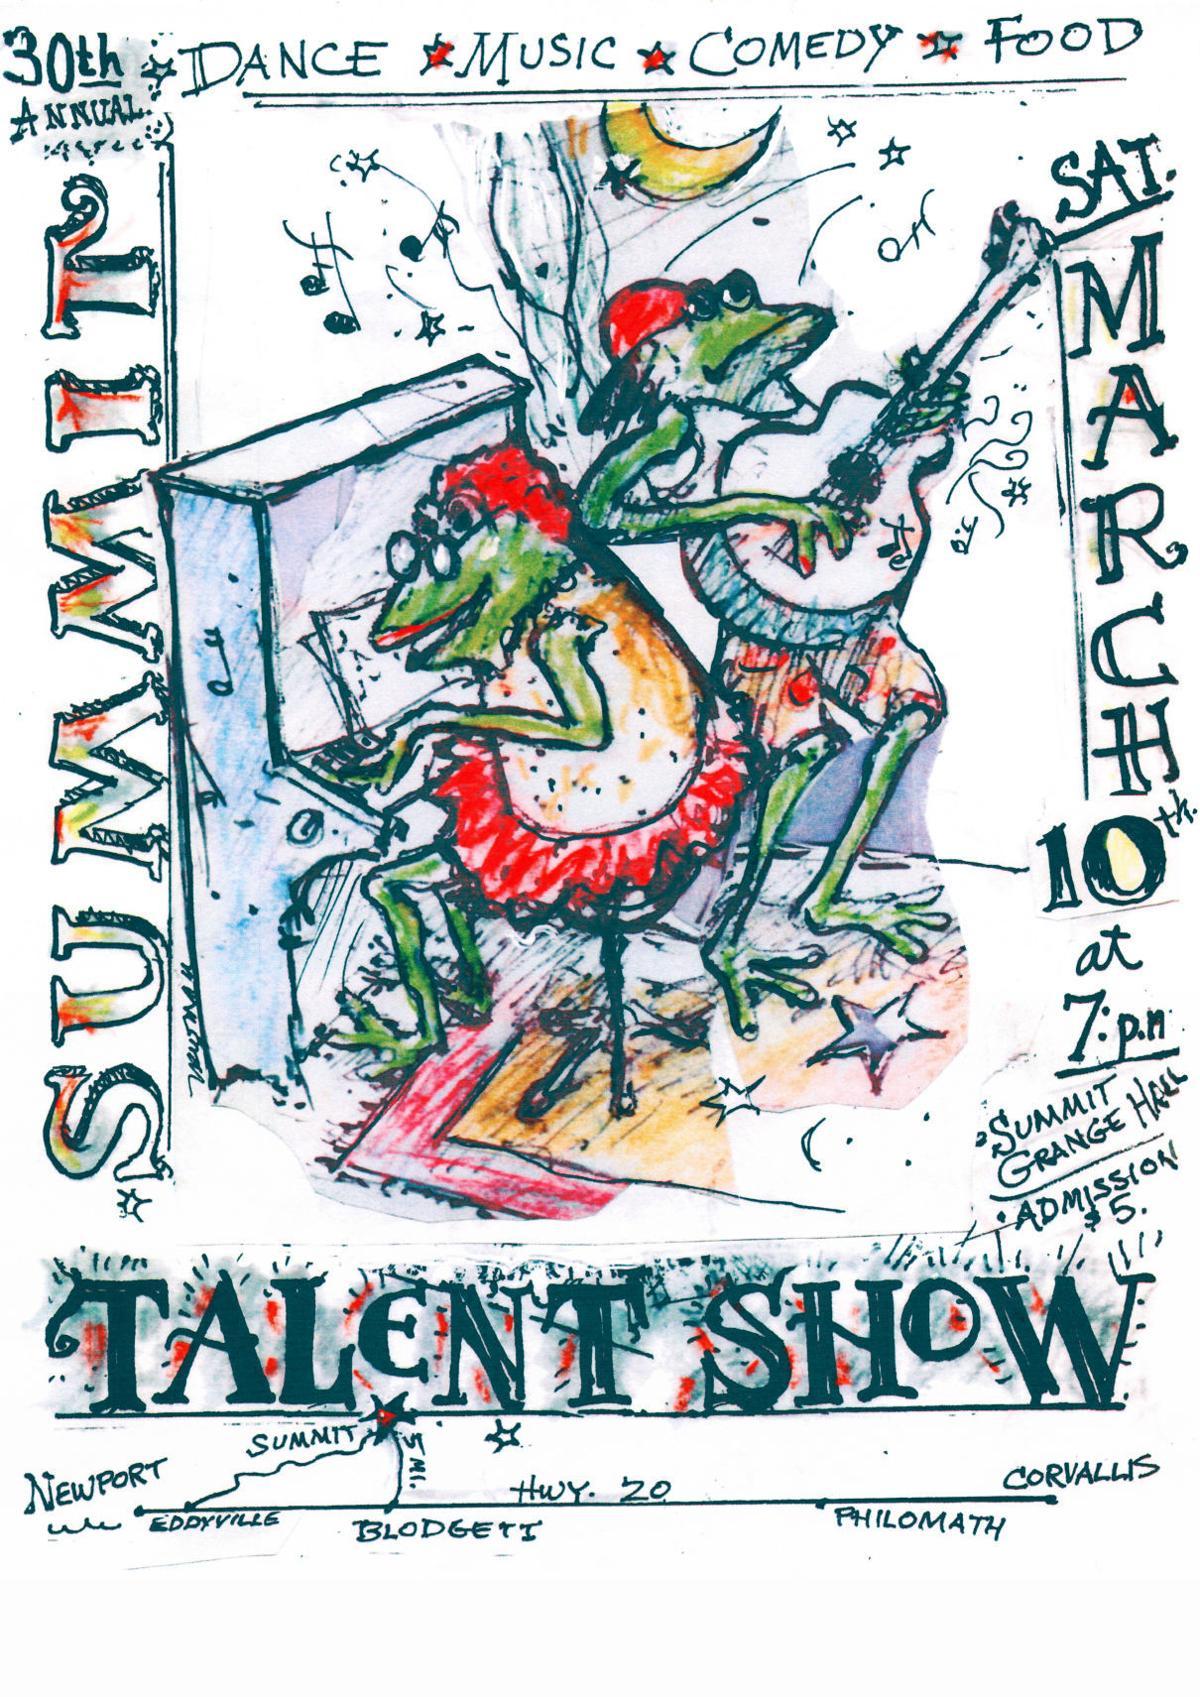 Summit Community Talent Show